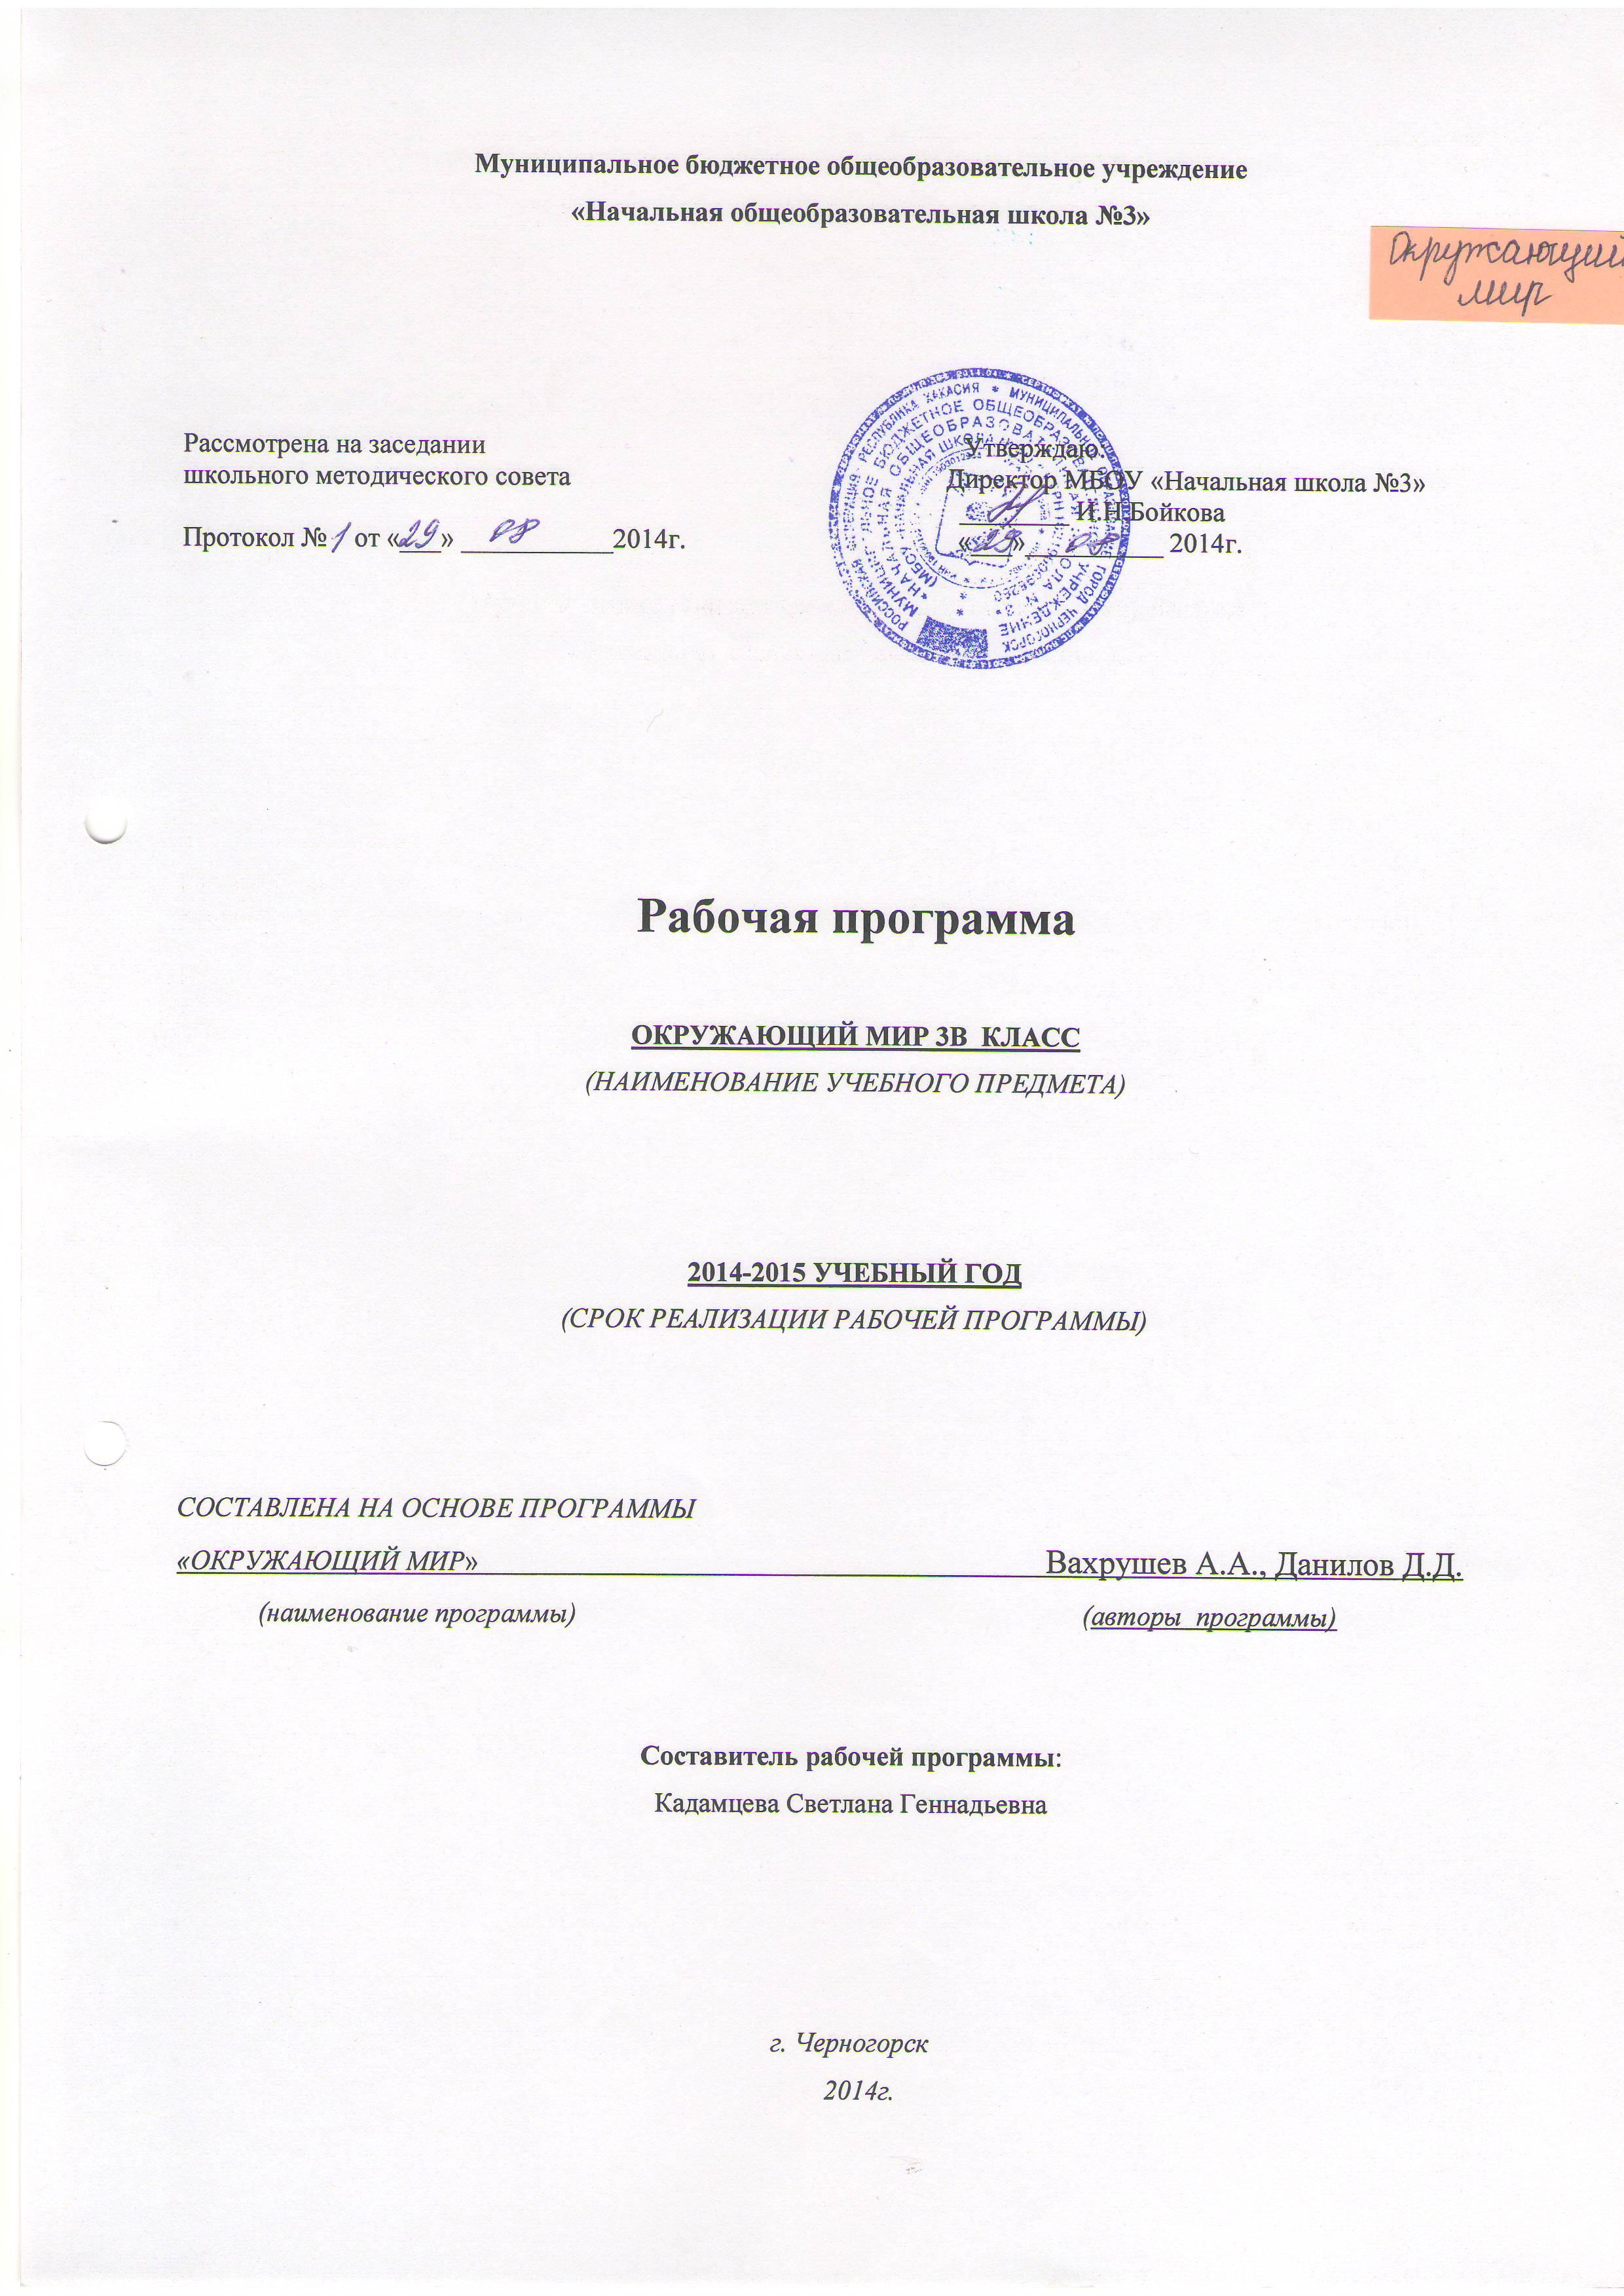 C:\Documents and Settings\Учительская\Рабочий стол\титульник 3 класс\2015-03-17\Изображение0023.JPG